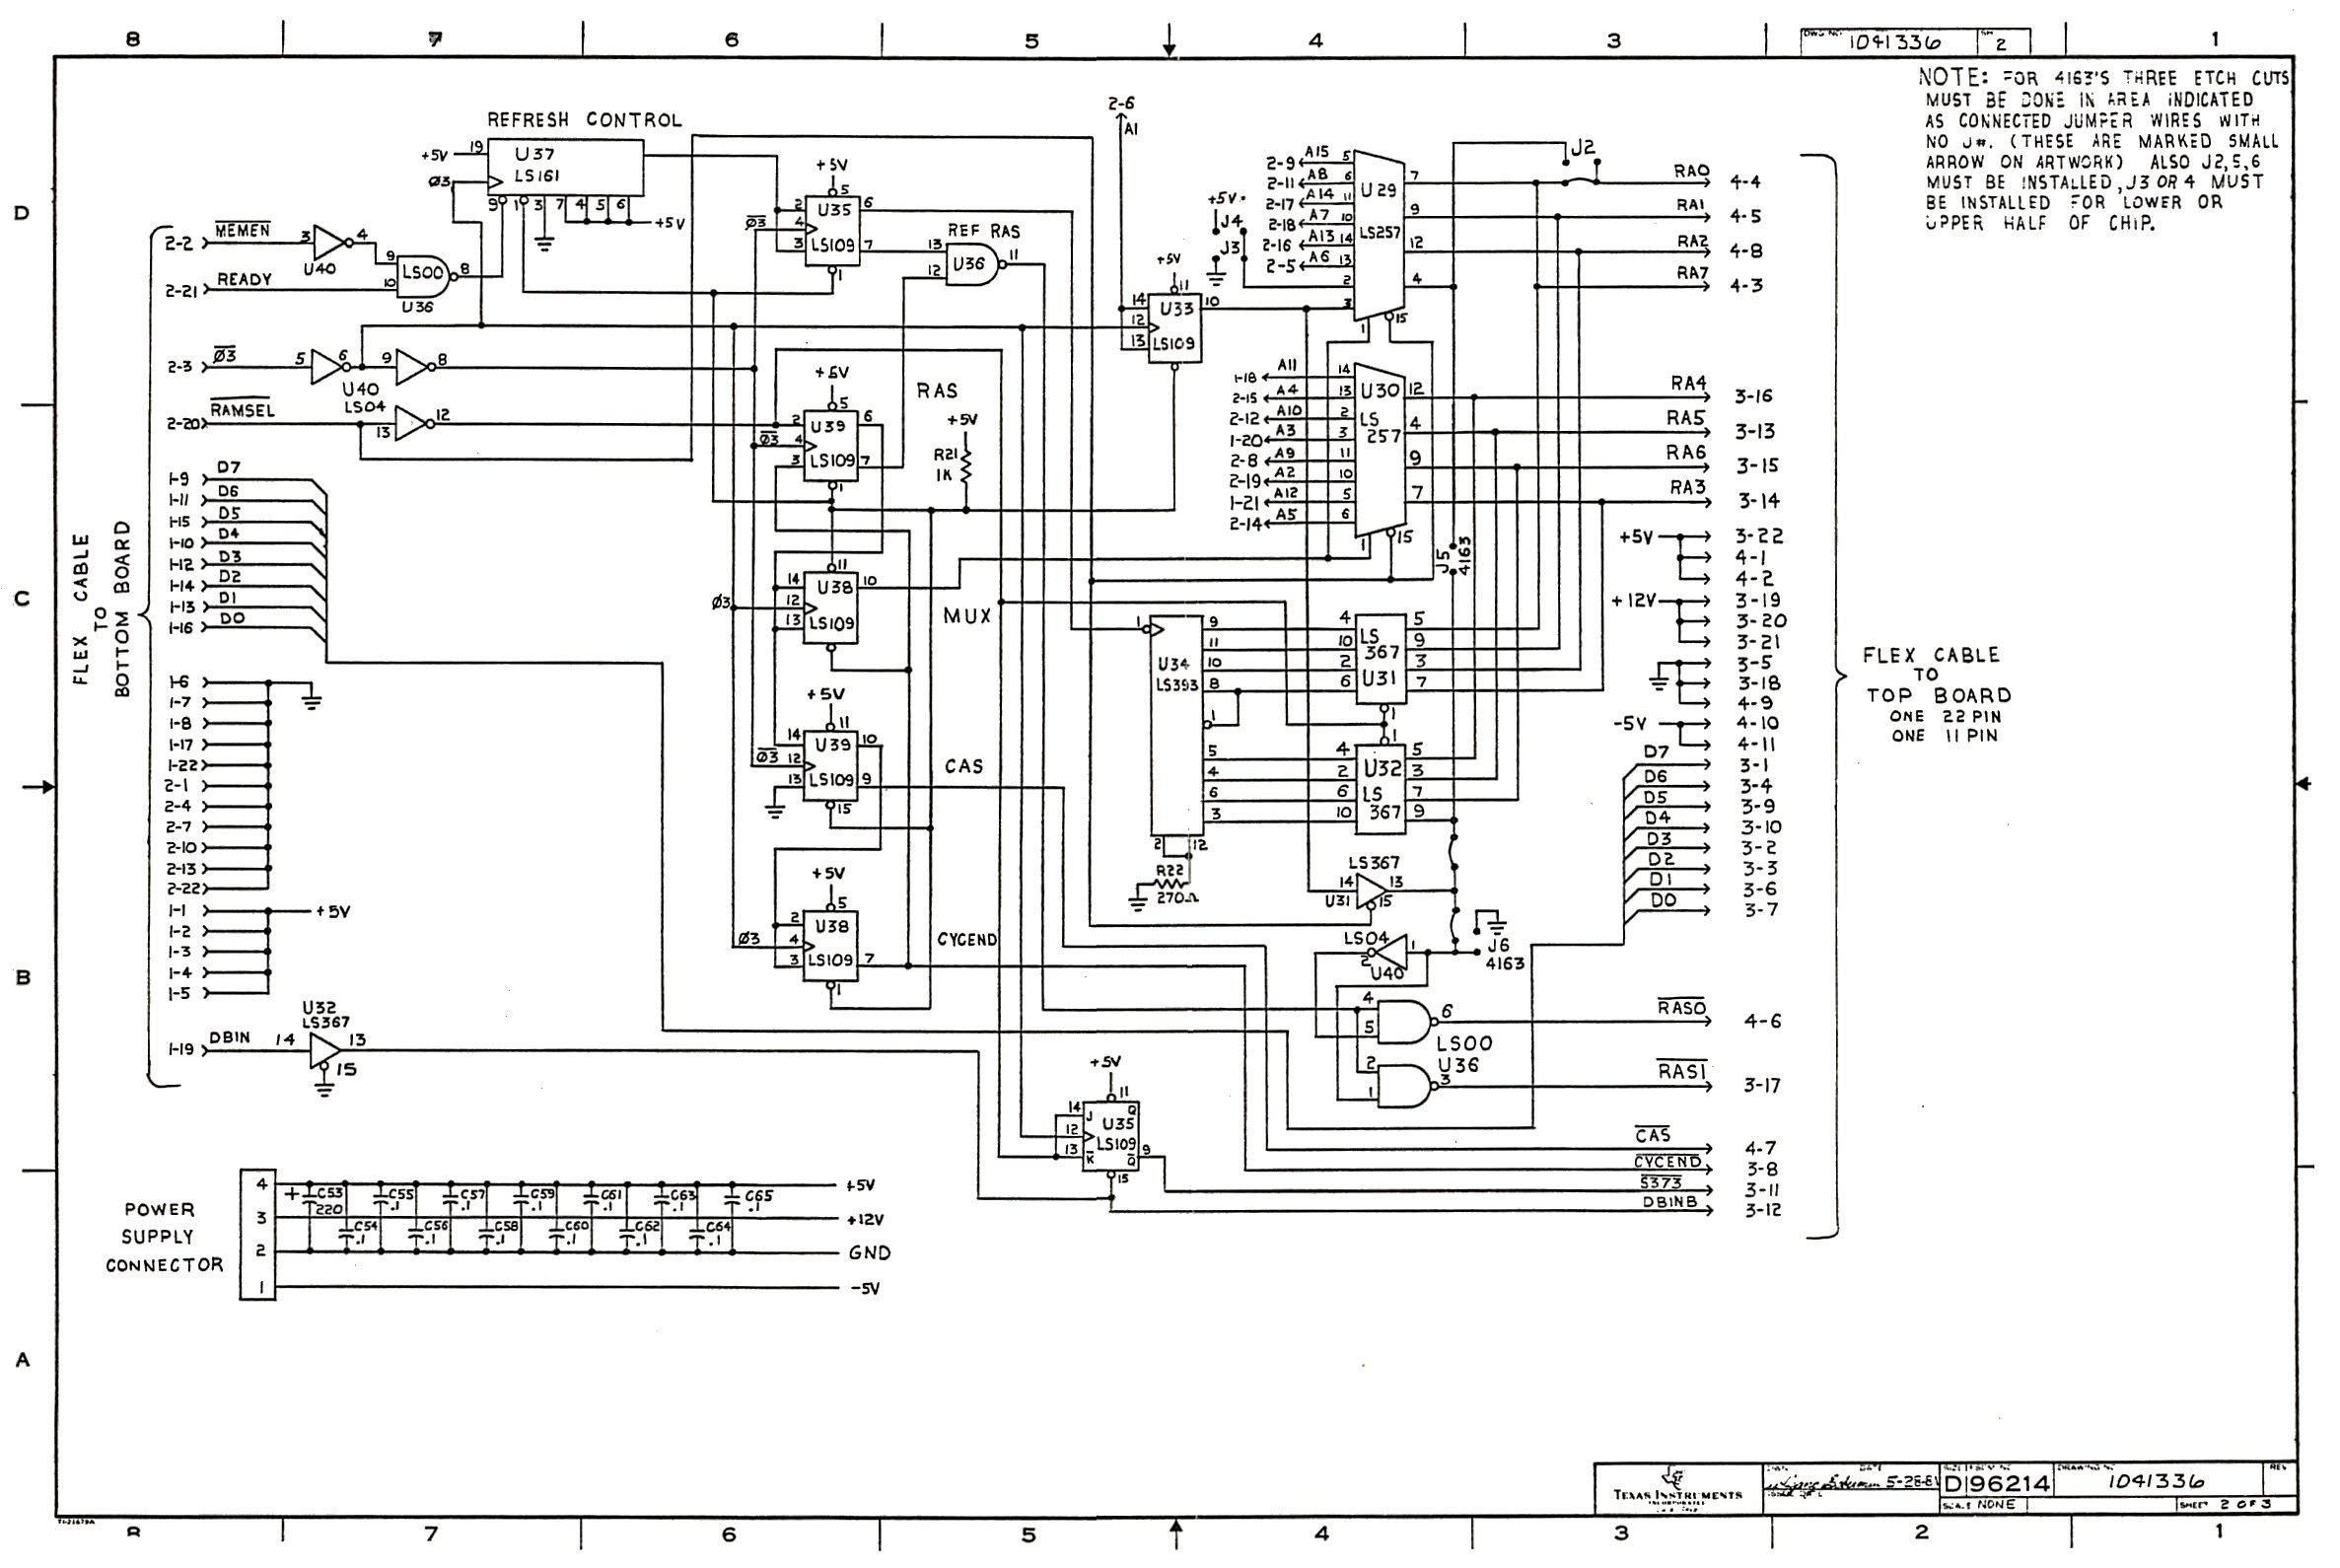 TI99 TI 99 TI-99/4A Hardware Texas Instruments